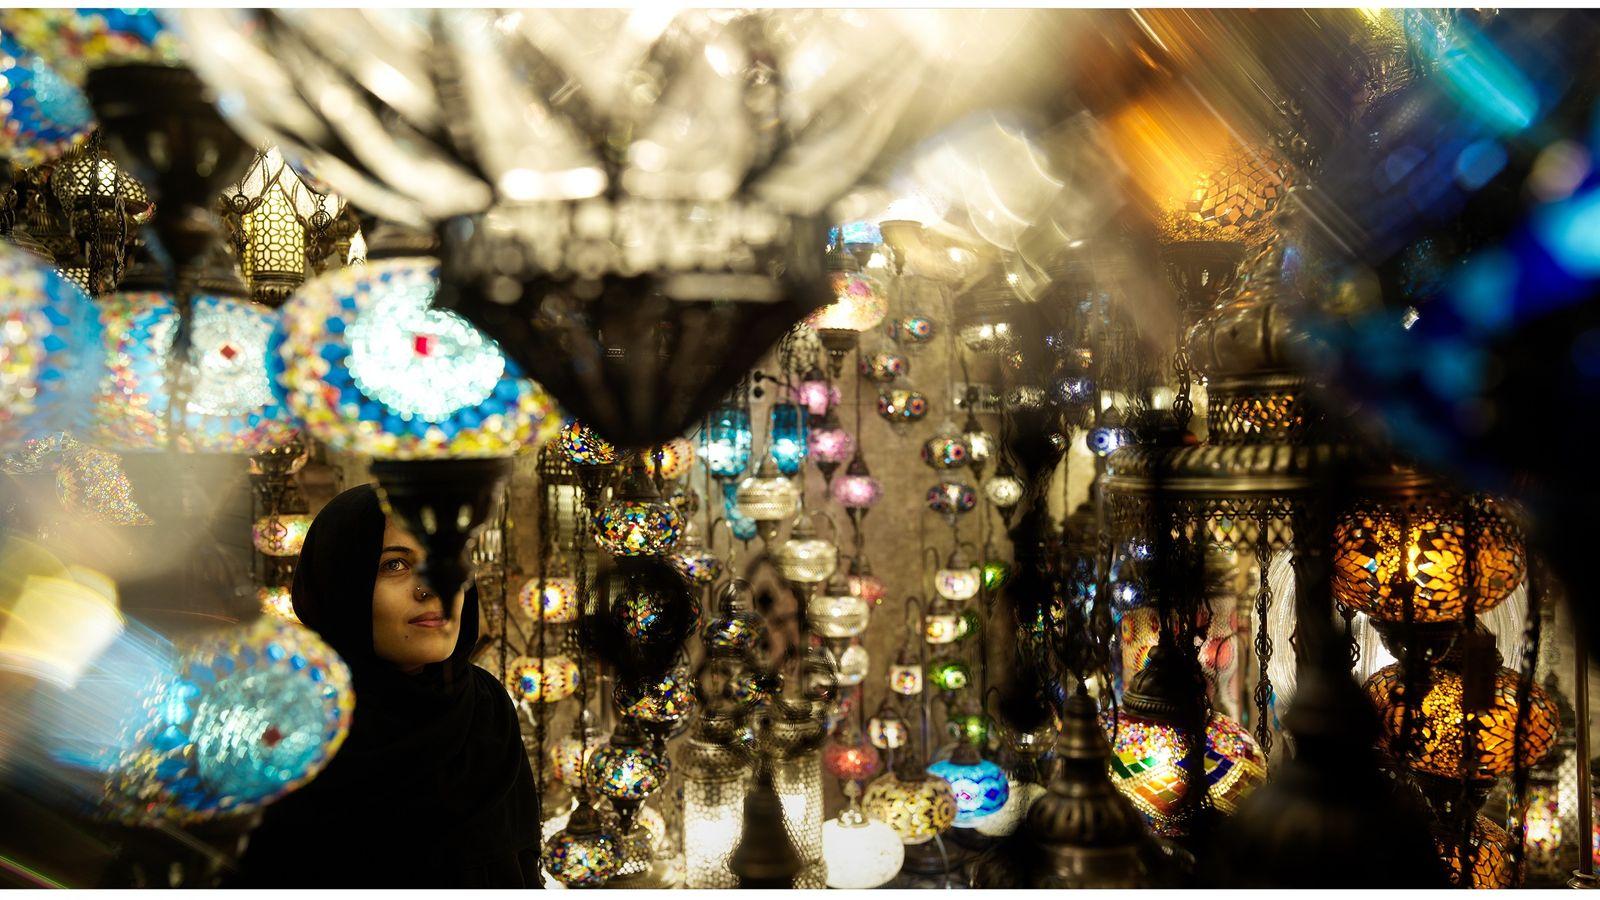 Grand Bazar - Istanbul, Turquie, 2019 - Au centre du Grand Bazar, cette échoppe de lampes ...